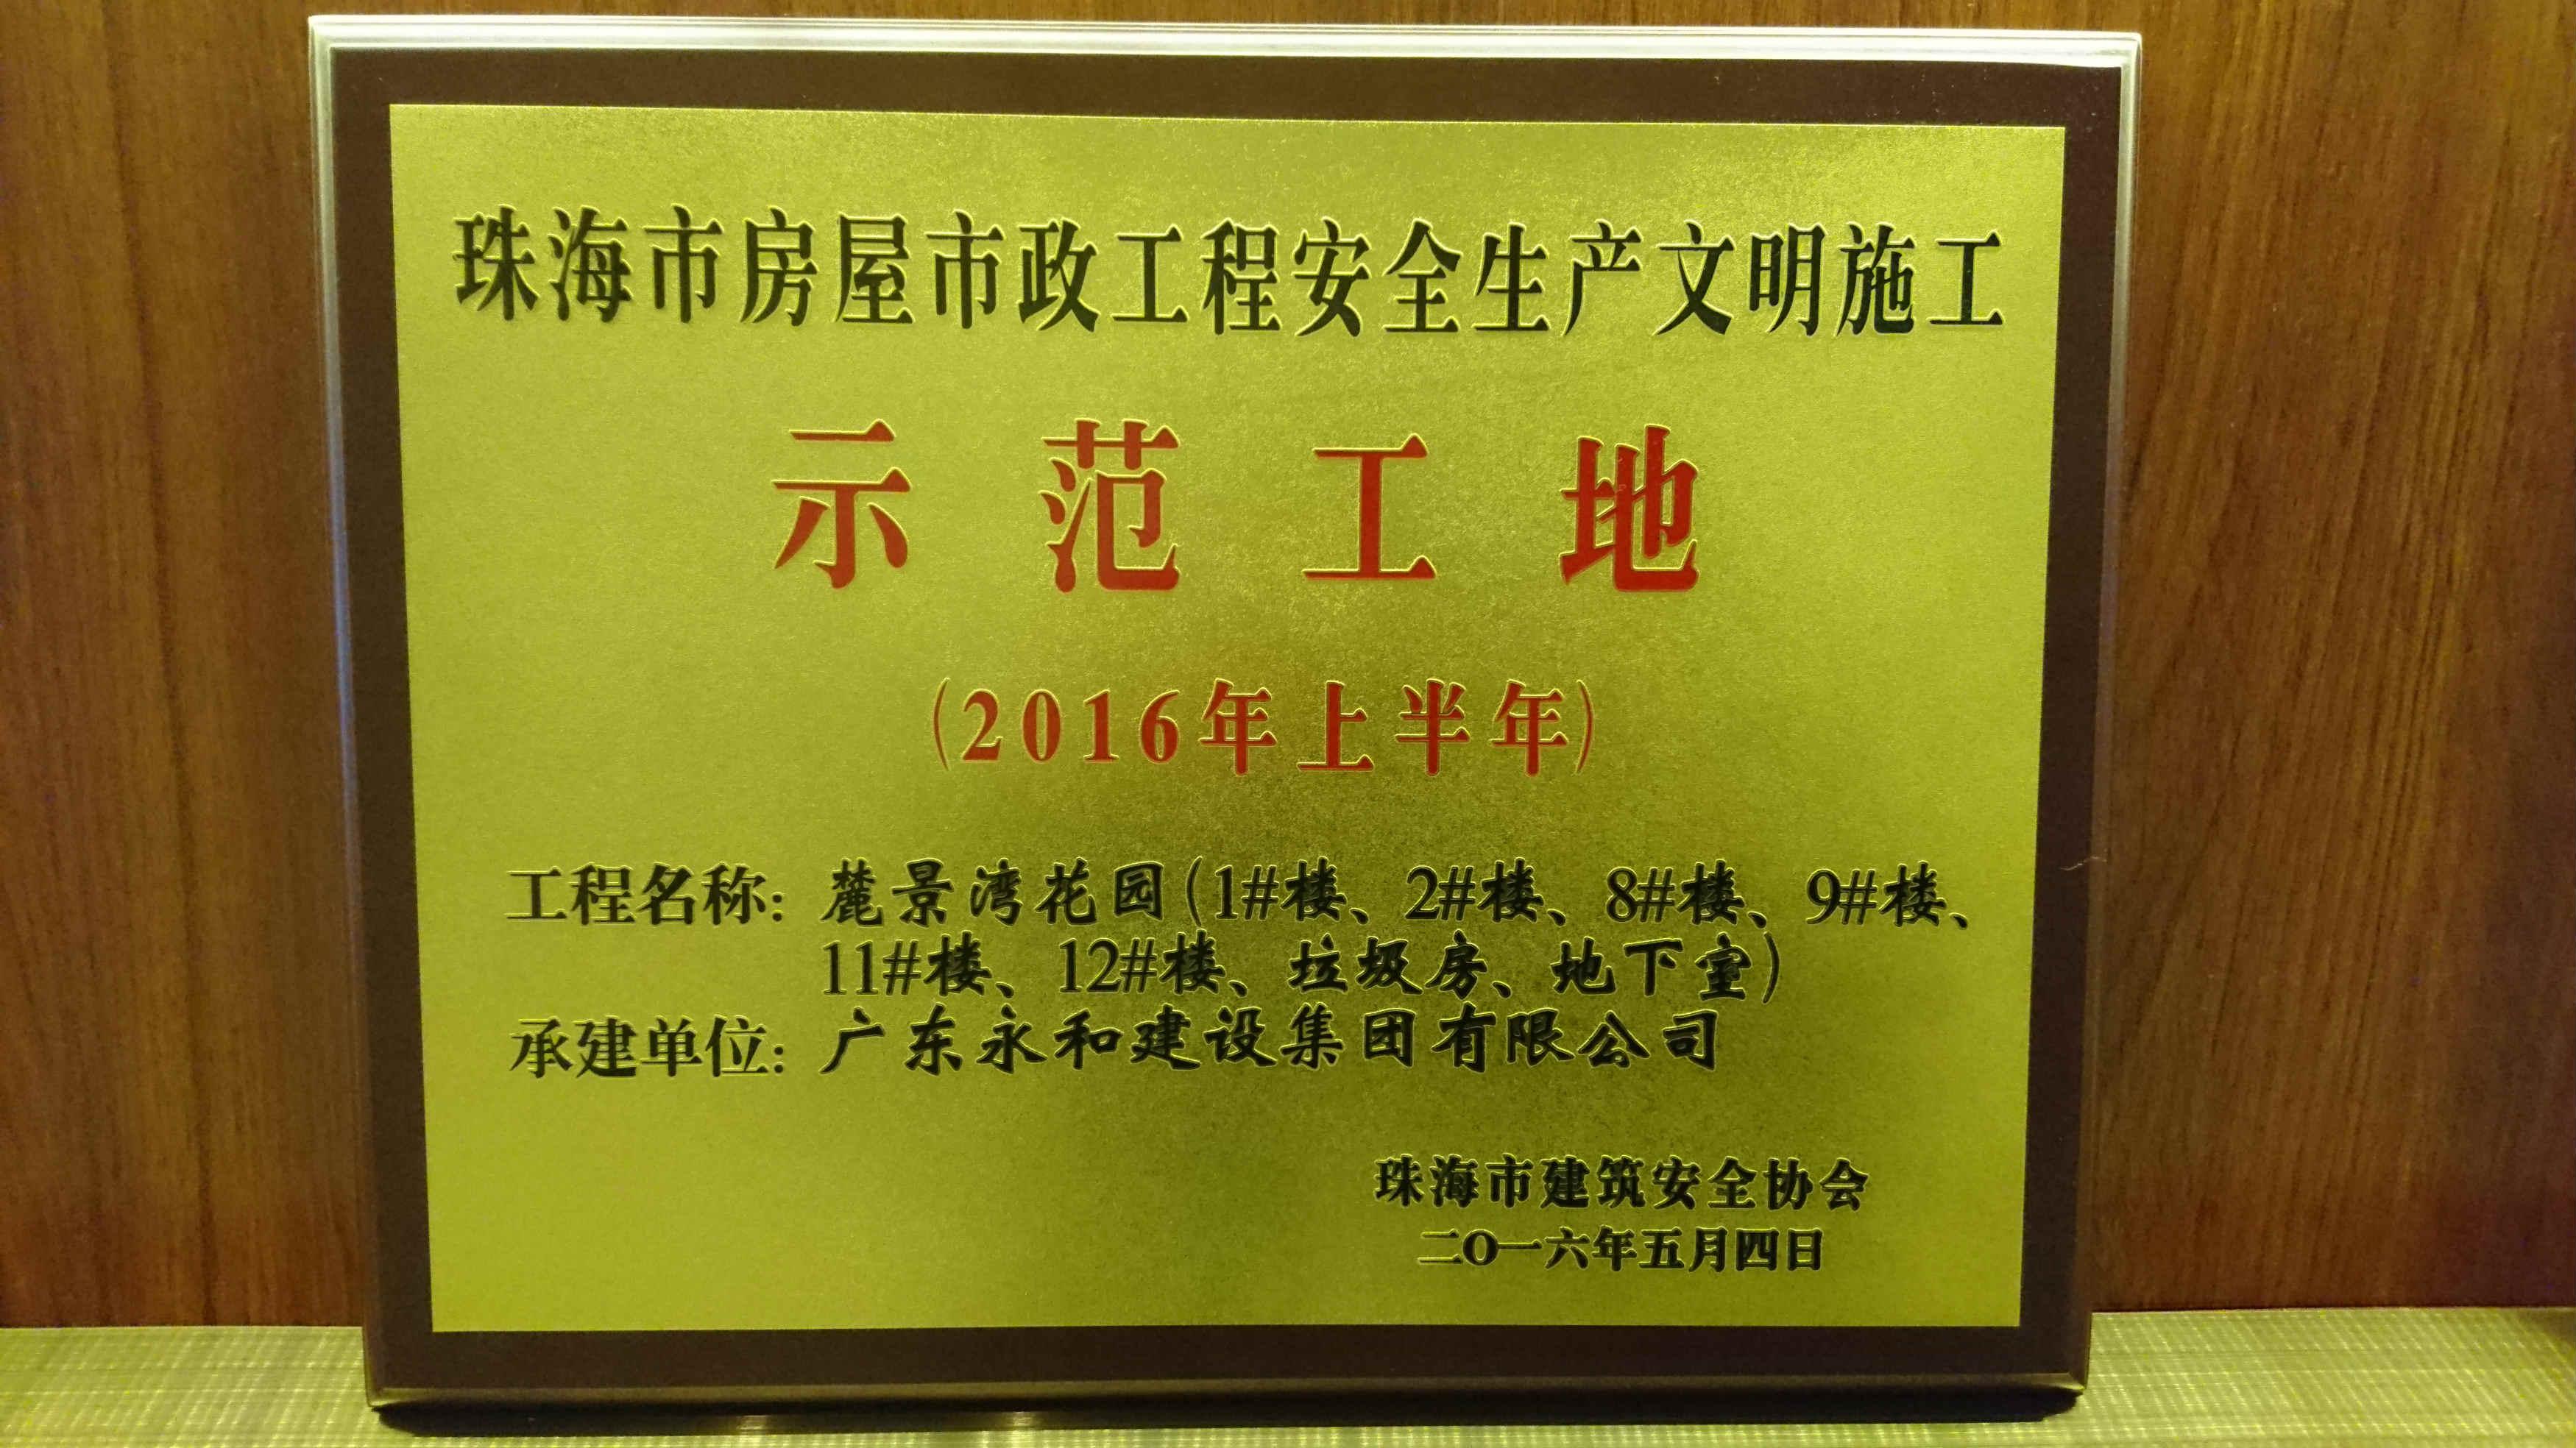 珠海市房屋市政工程安全生产文明施工示范工地